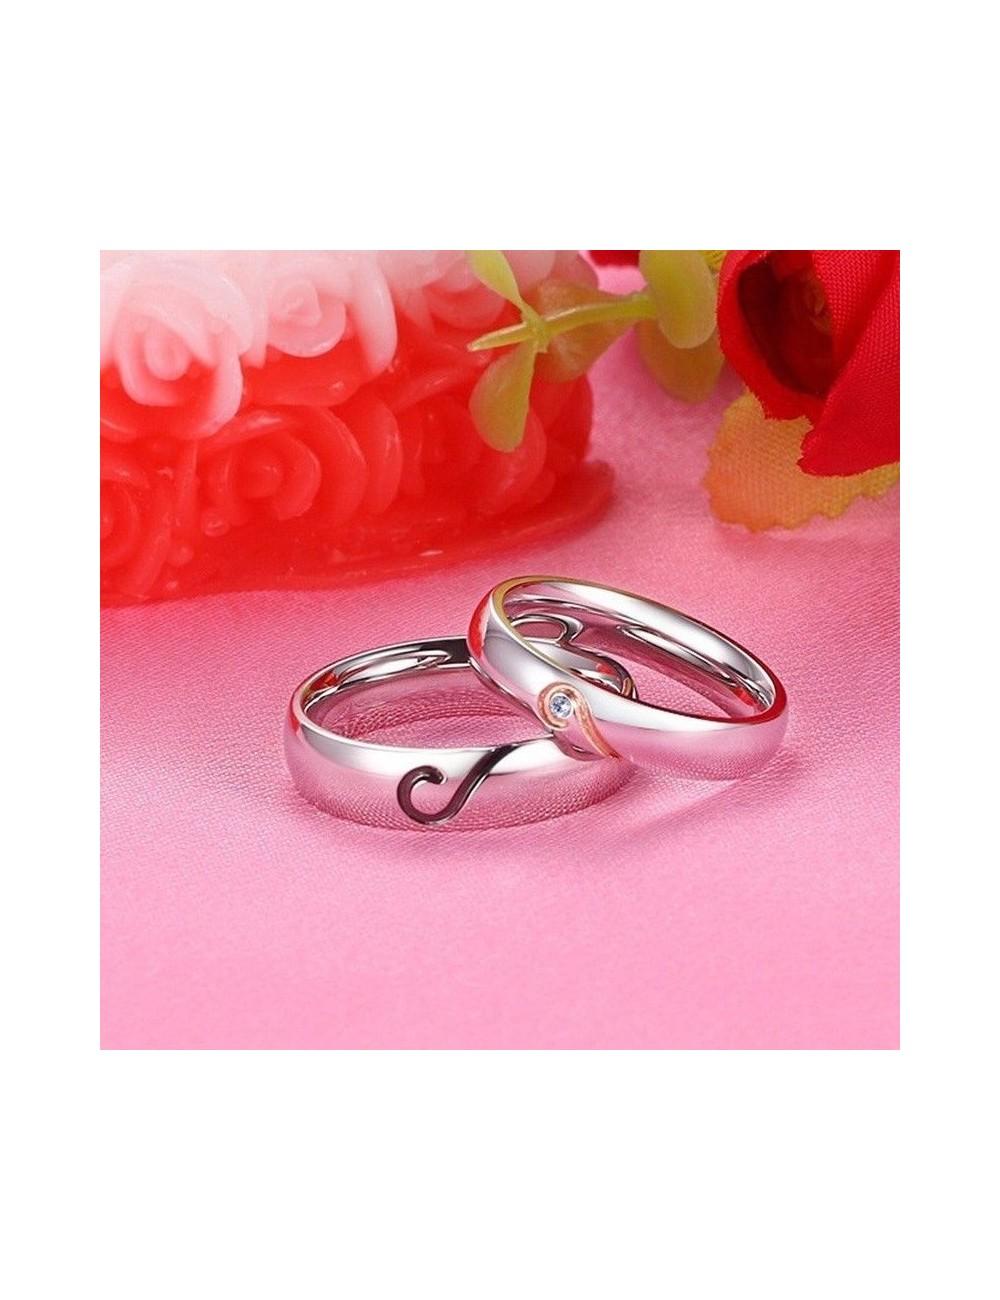 Anillos para parejas de acero inoxidable grabado de corazón